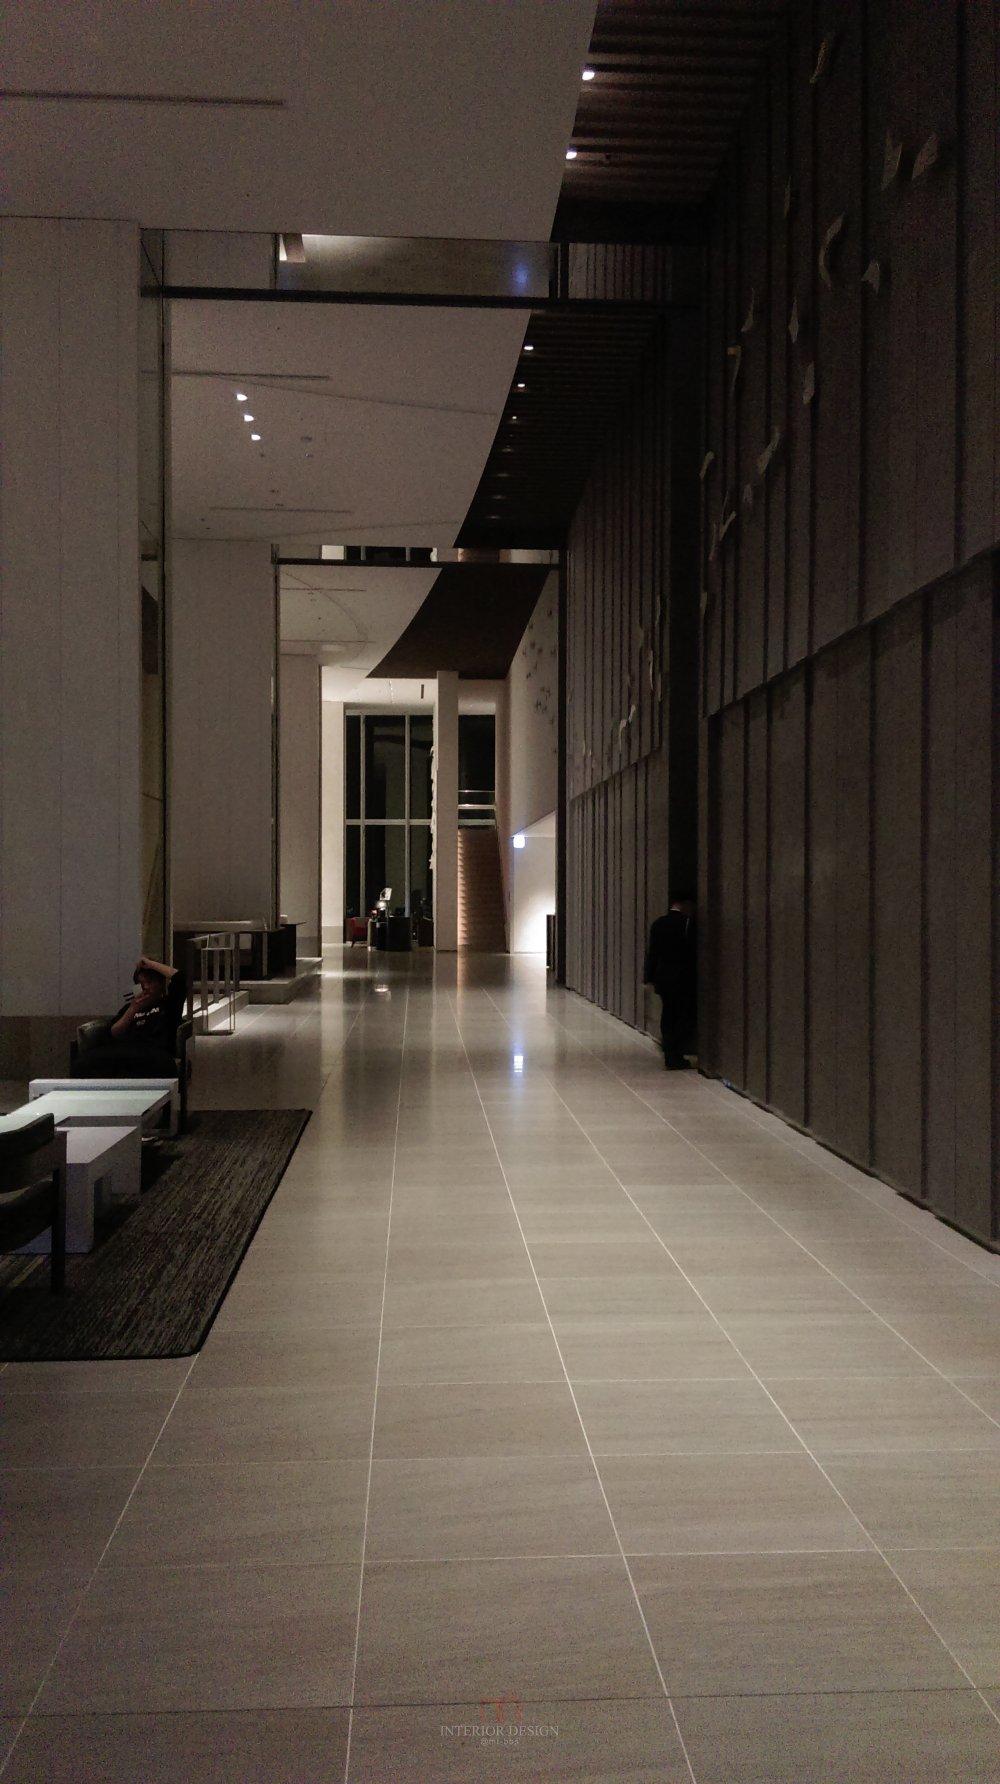 #伙伴一起看日本#  日本设计考察分享(更新美秀美术馆)_IMAG8481.jpg